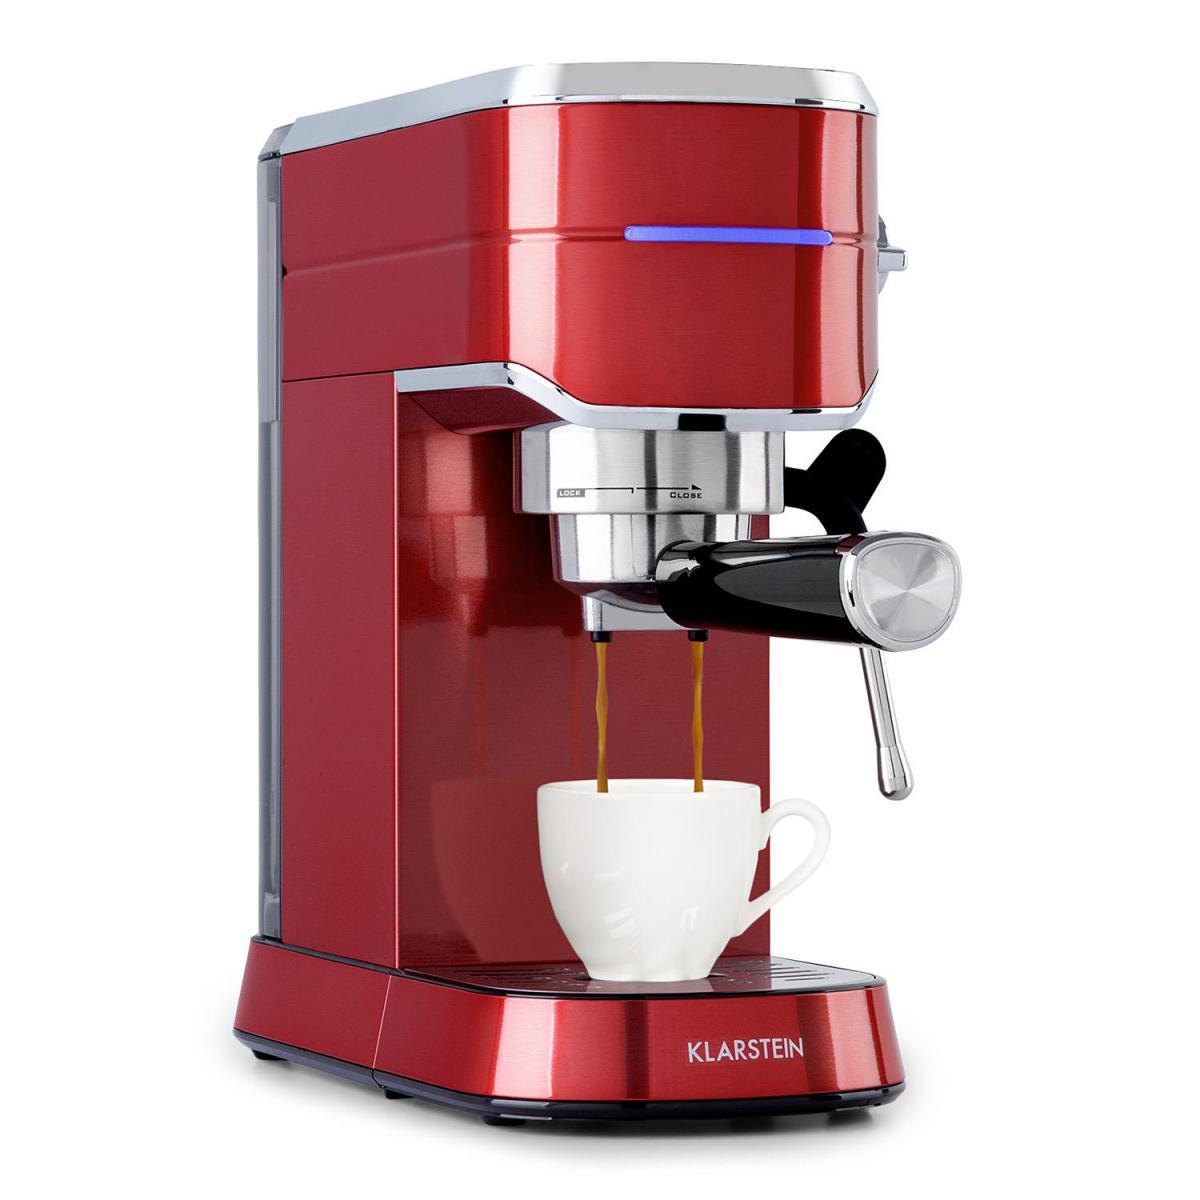 Klarstein Machine à expresso - Klarstein Futura - 1450W - Pression 20 bars - Rouge